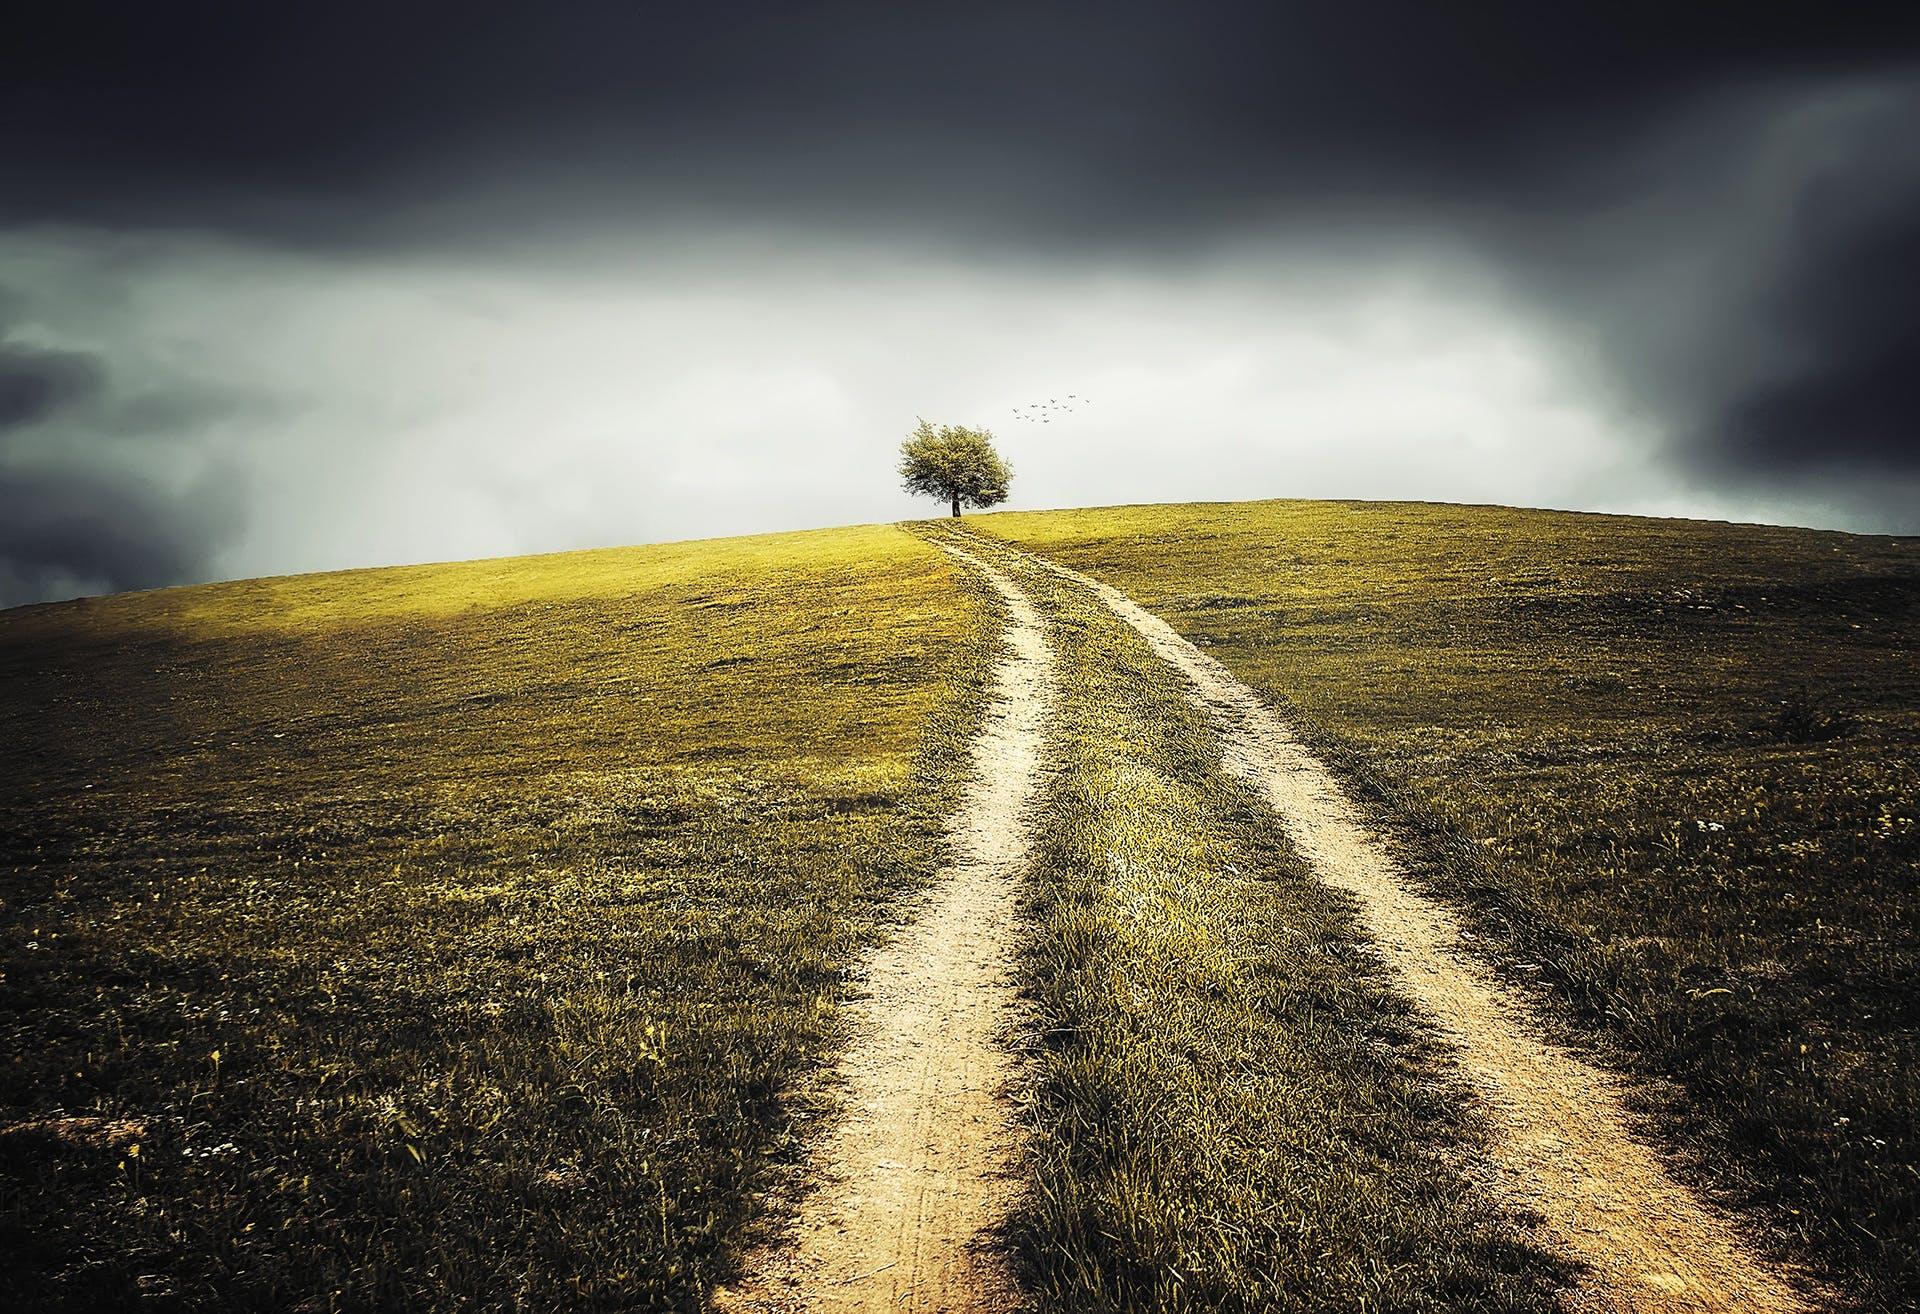 フィールド, 土地, 小径, 草の無料の写真素材